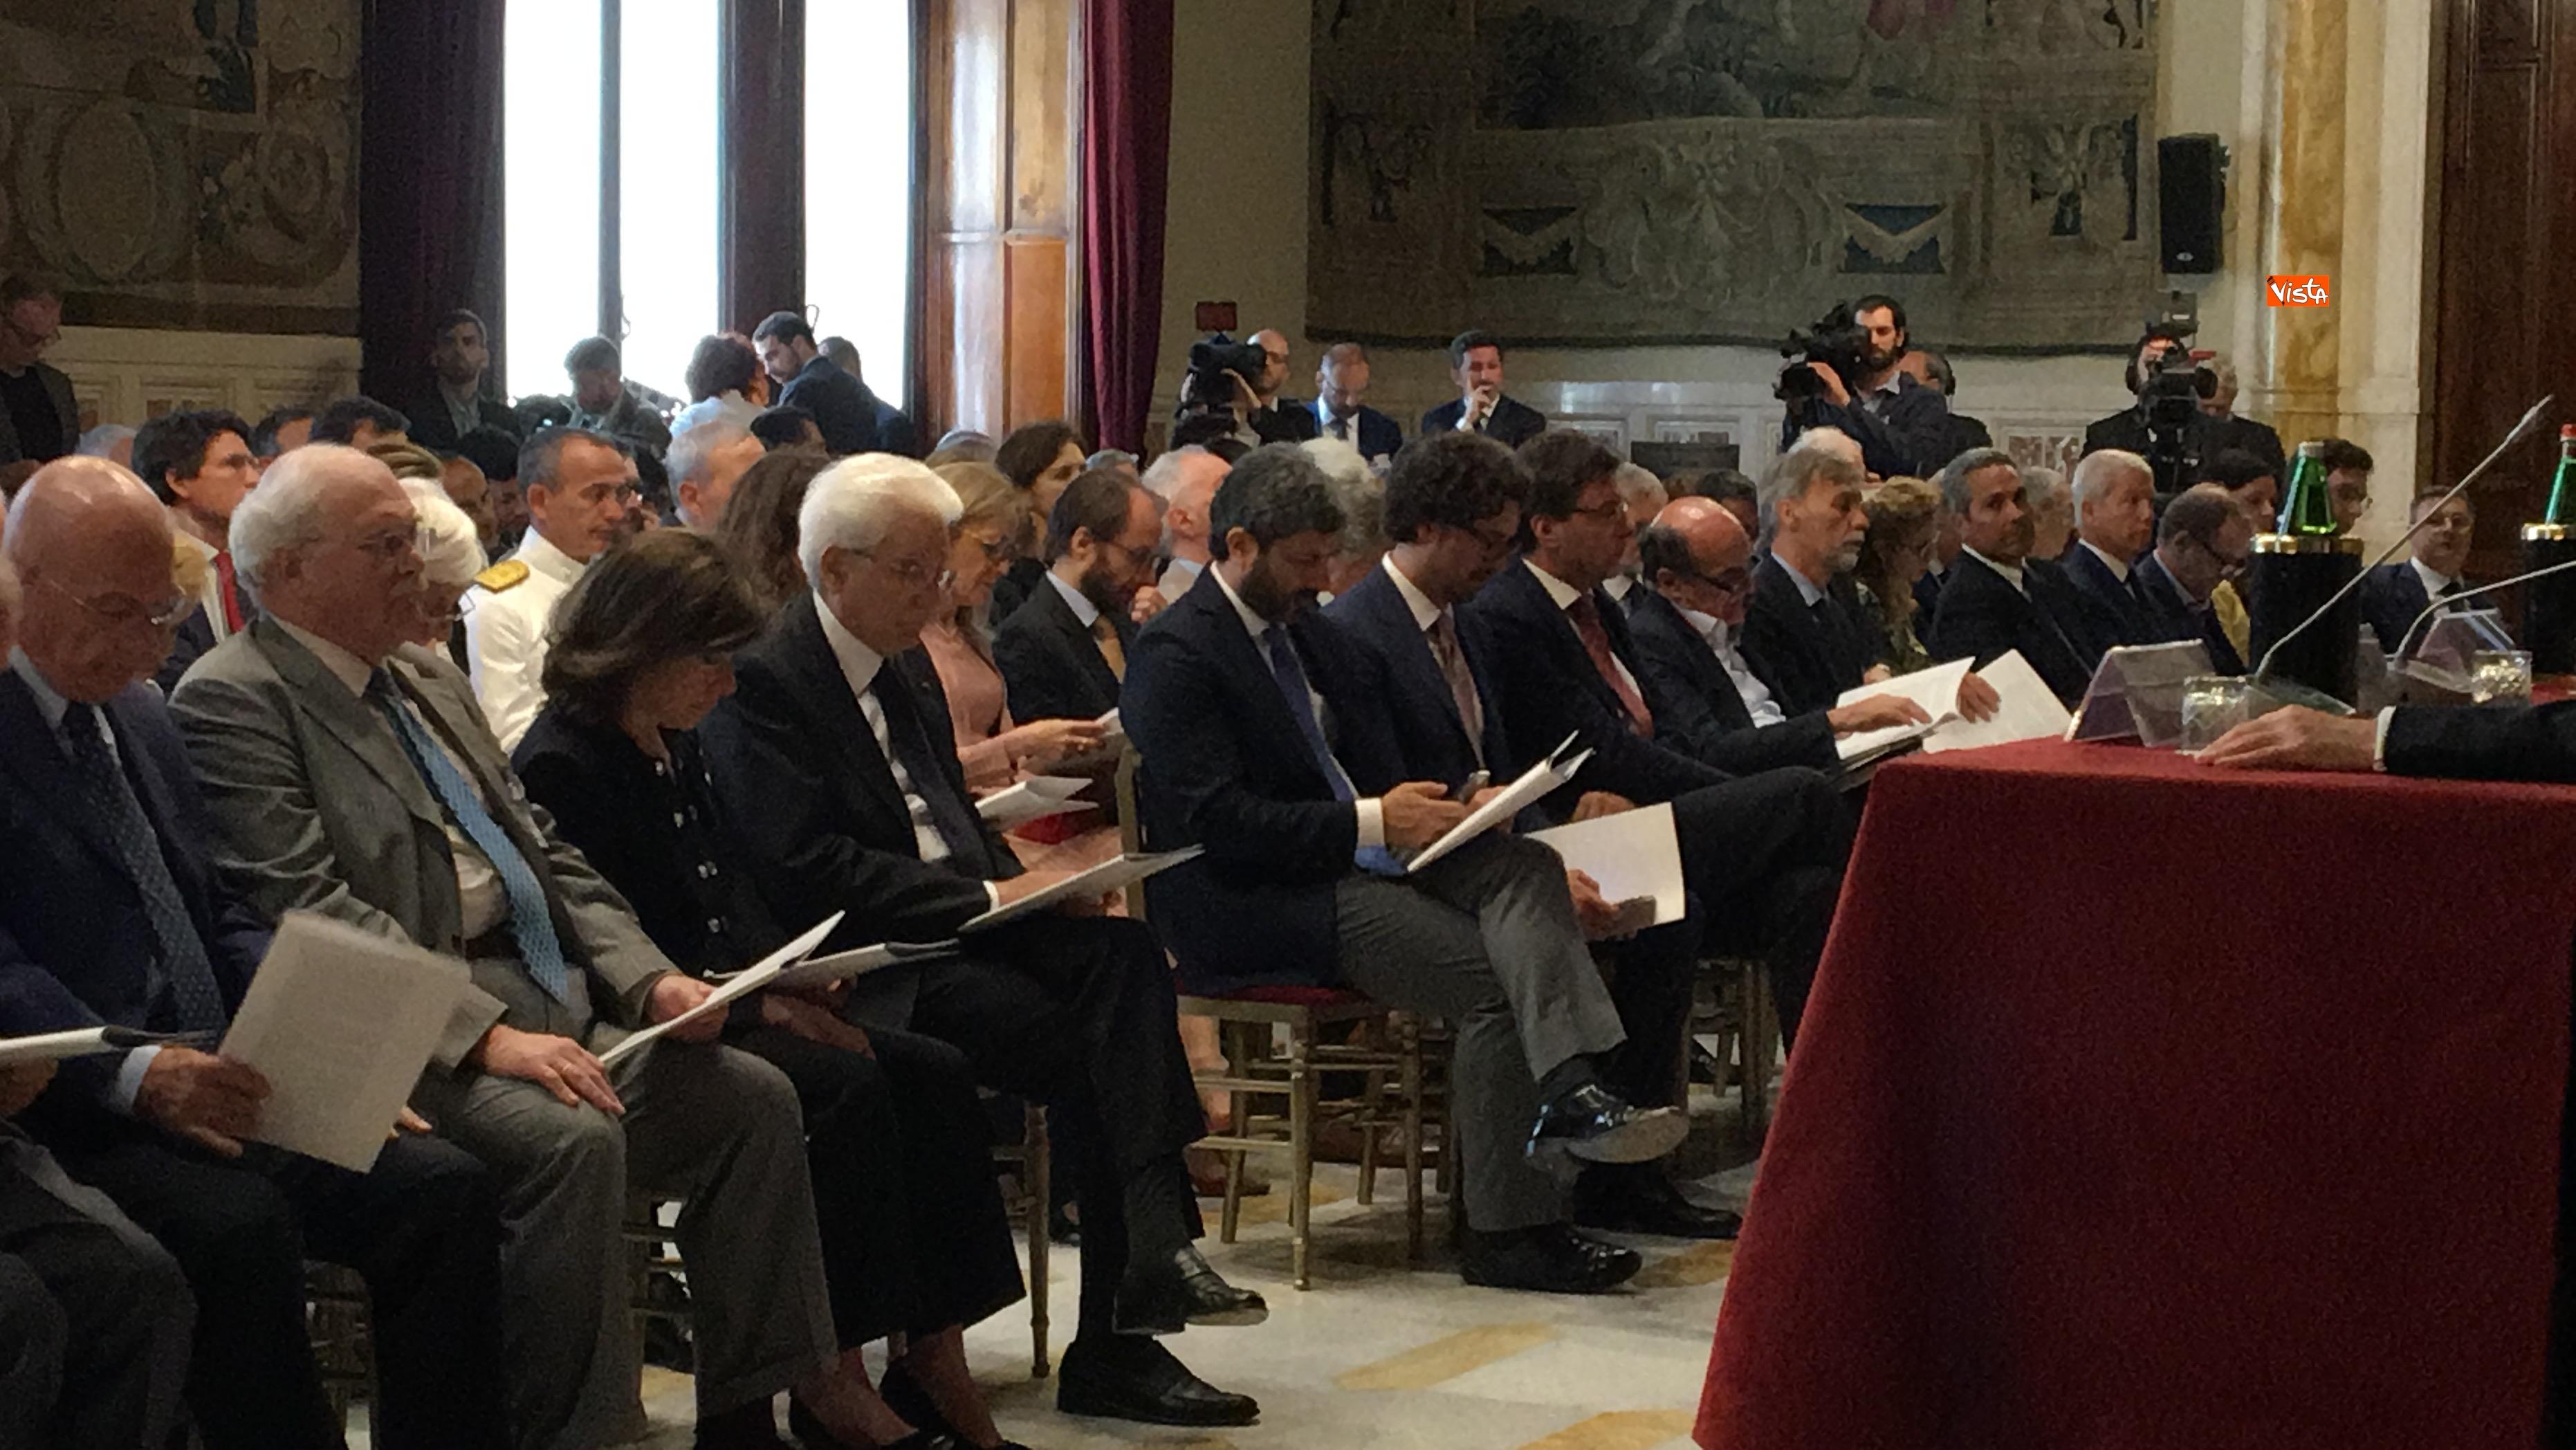 20-06-18 Autorita Trasporti la relazione annuale con Mattarella Toninelli Fico Casellati immagini_11